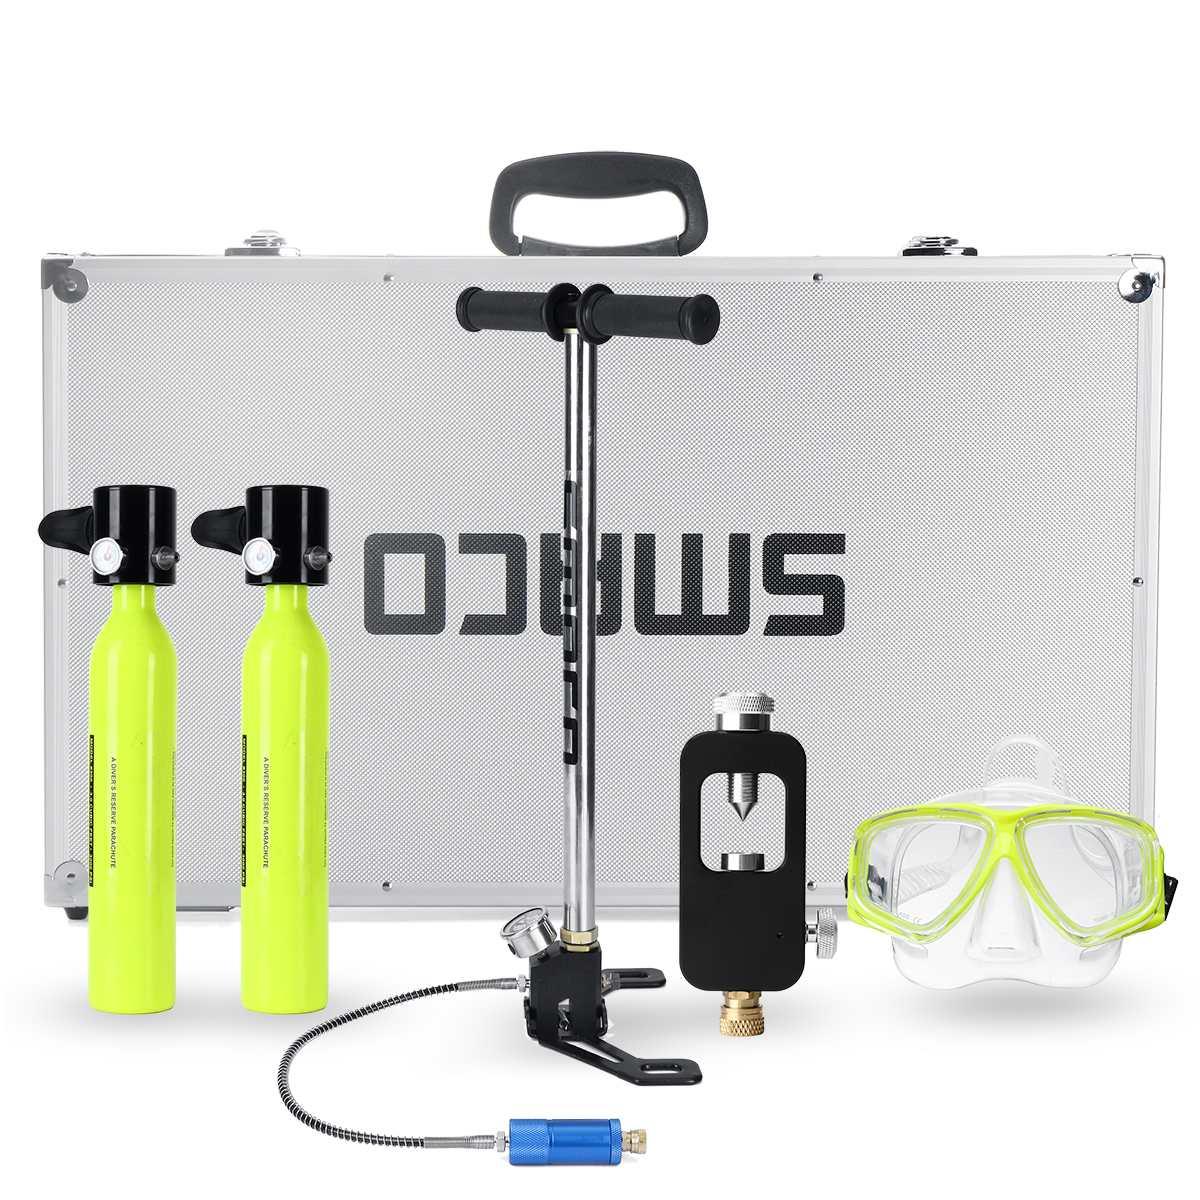 6 en 1 sistema de buceo Mini cilindro de buceo reserva de oxígeno bomba de tanque de aire caja de aluminio Snorkeling equipo de buceo